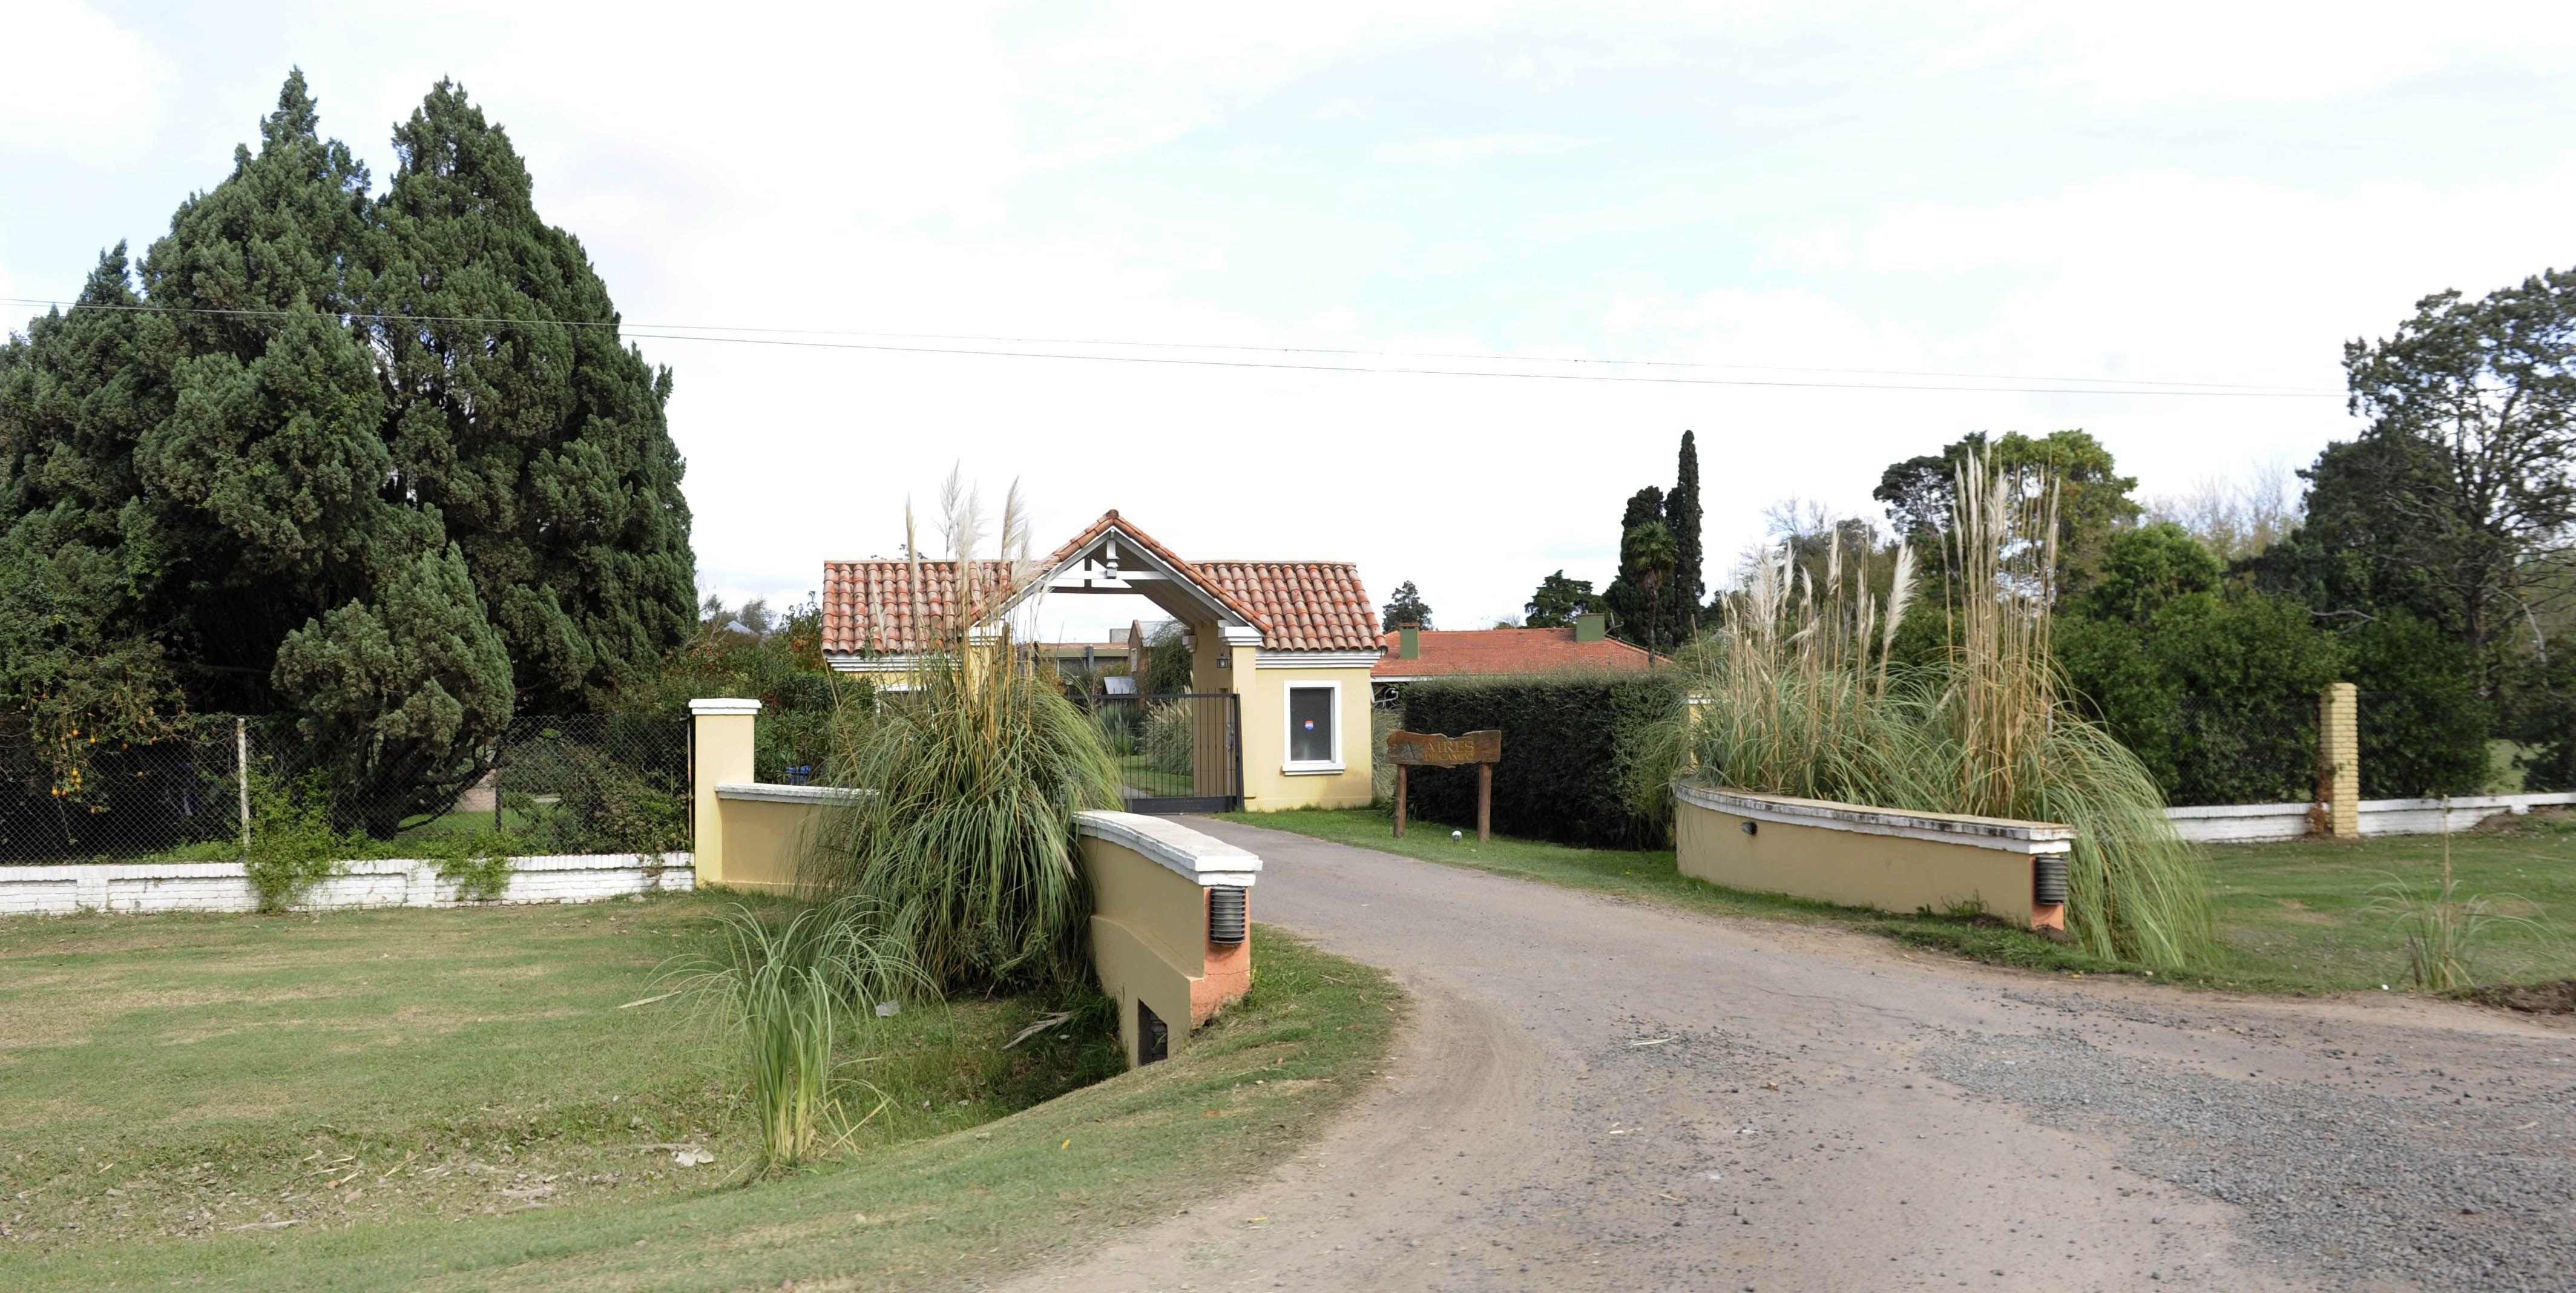 Tres casas particulares en el country Aires de Campo de Roldán fueron asaltadas el viernes a la noche. (Foto de archivo: S. Salinas)